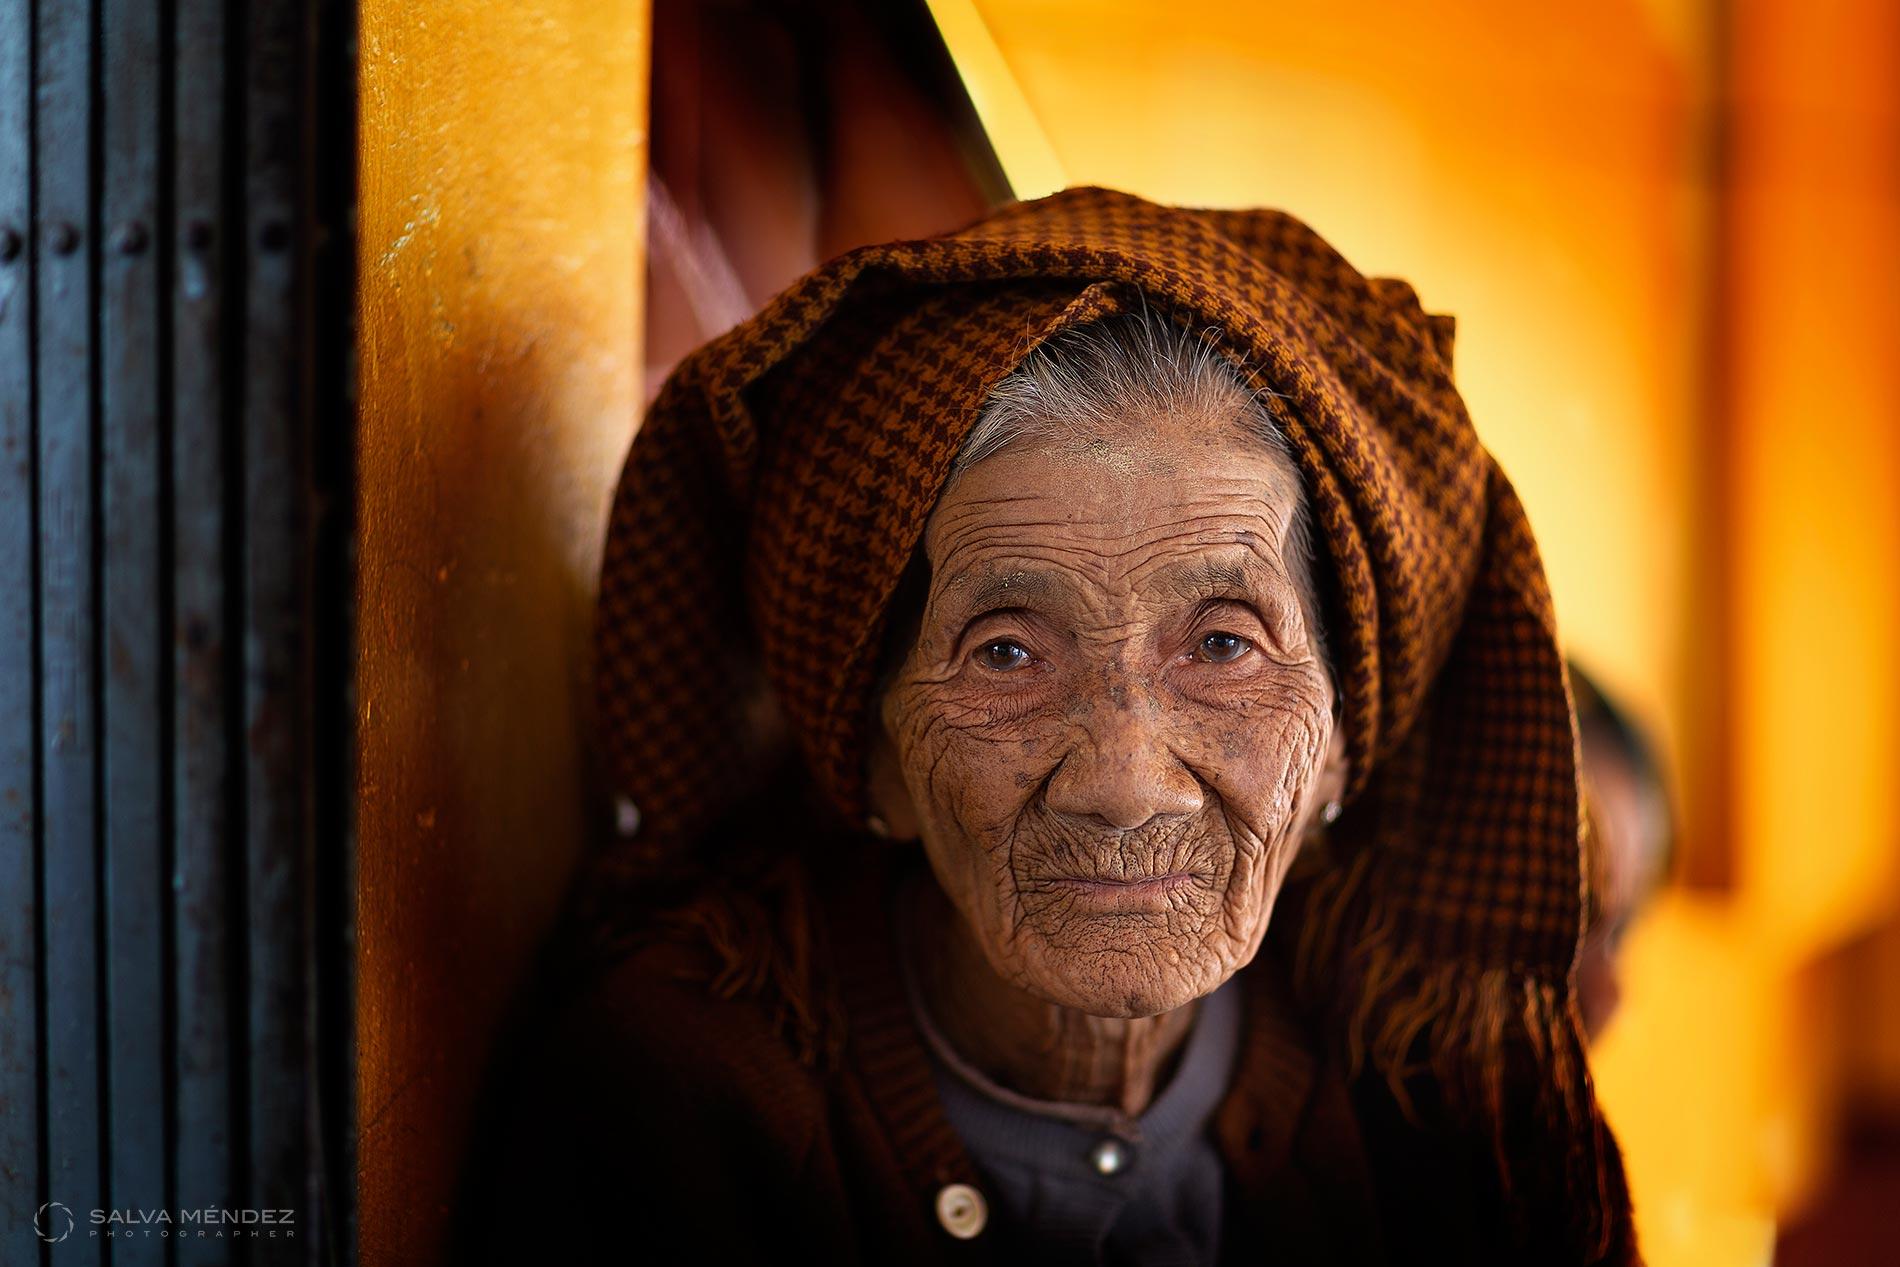 02_06_SALVA-MENDEZ_INLE-LAKE_MYANMAR-WEB 1900px.jpg